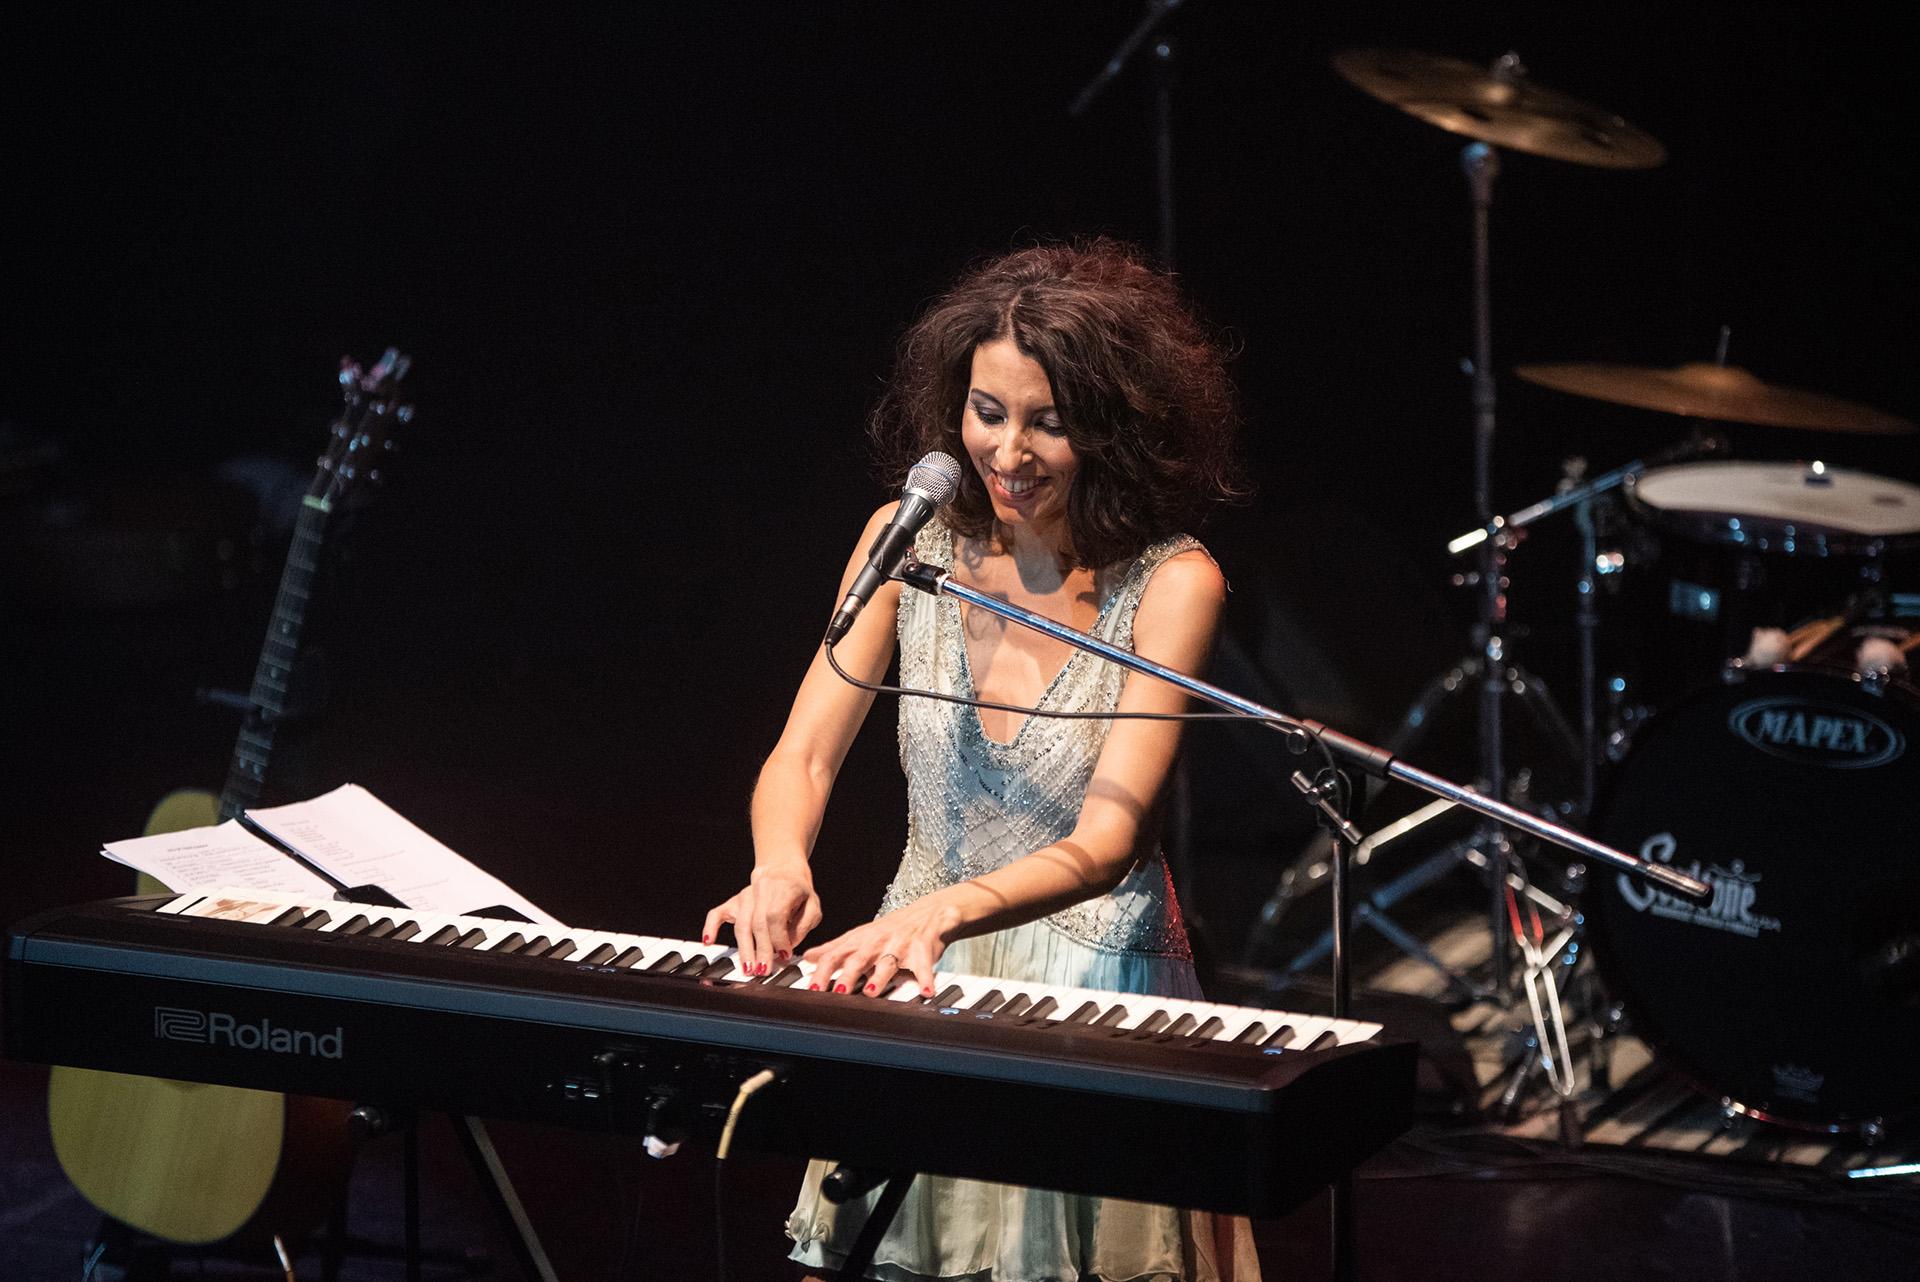 Este disco en particular esperóocho largos años para llegar al público después de la muerte de su hermana, la periodista Nínawa Daher